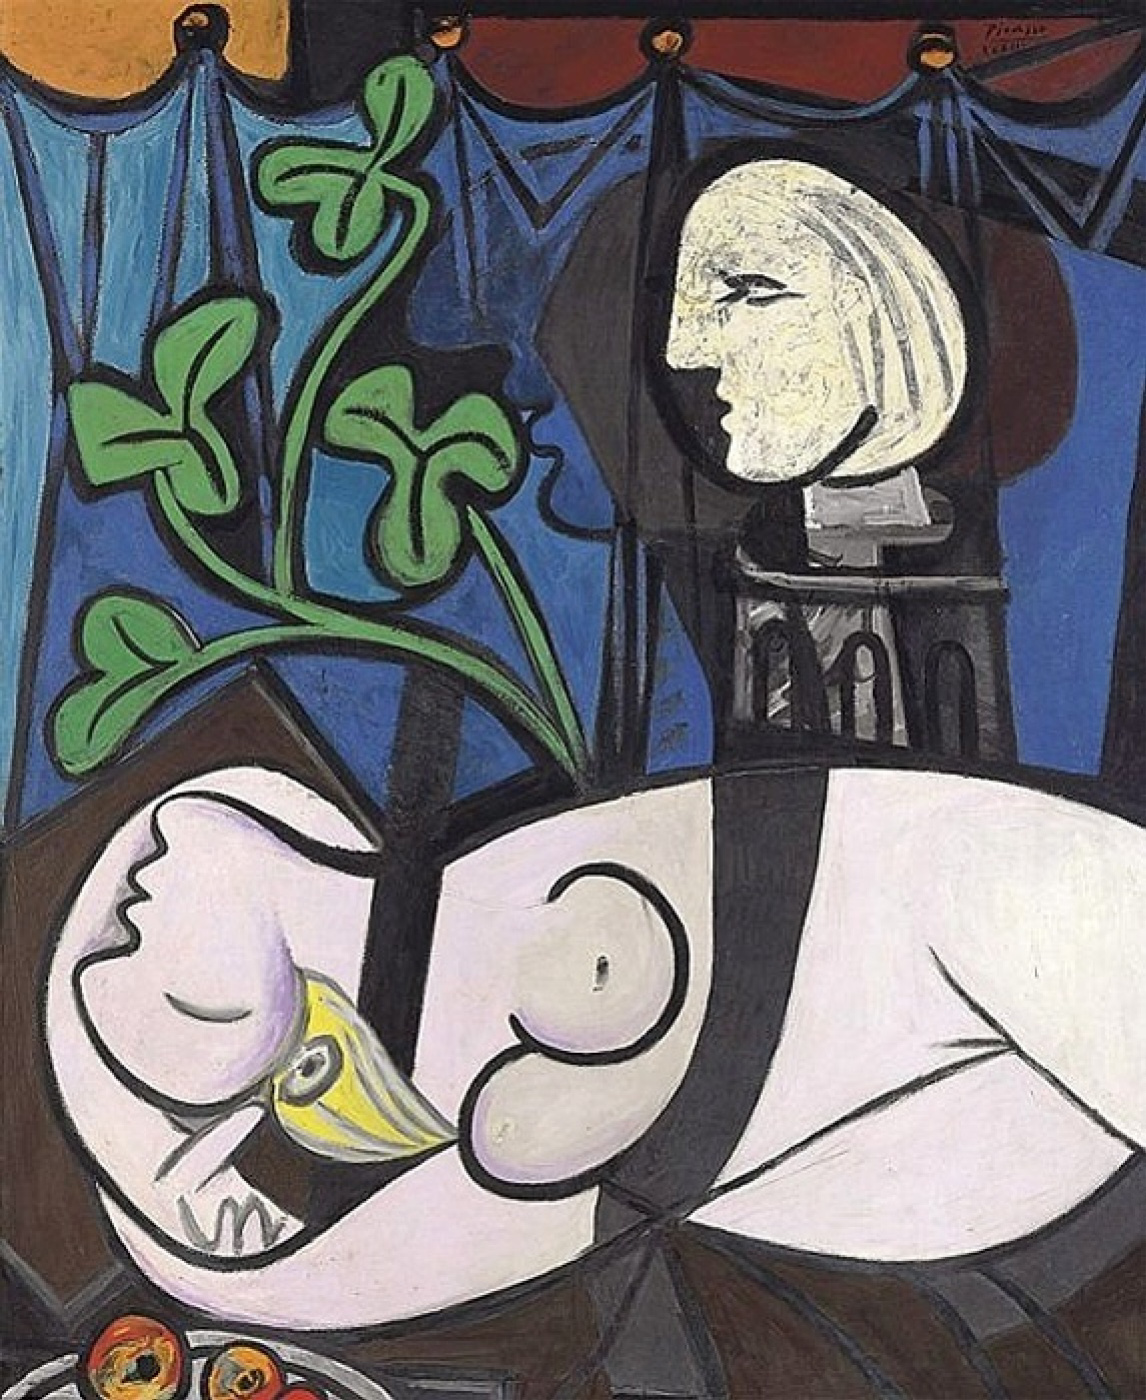 Пабло Пикассо. Обнаженная, зеленые листья и бюст